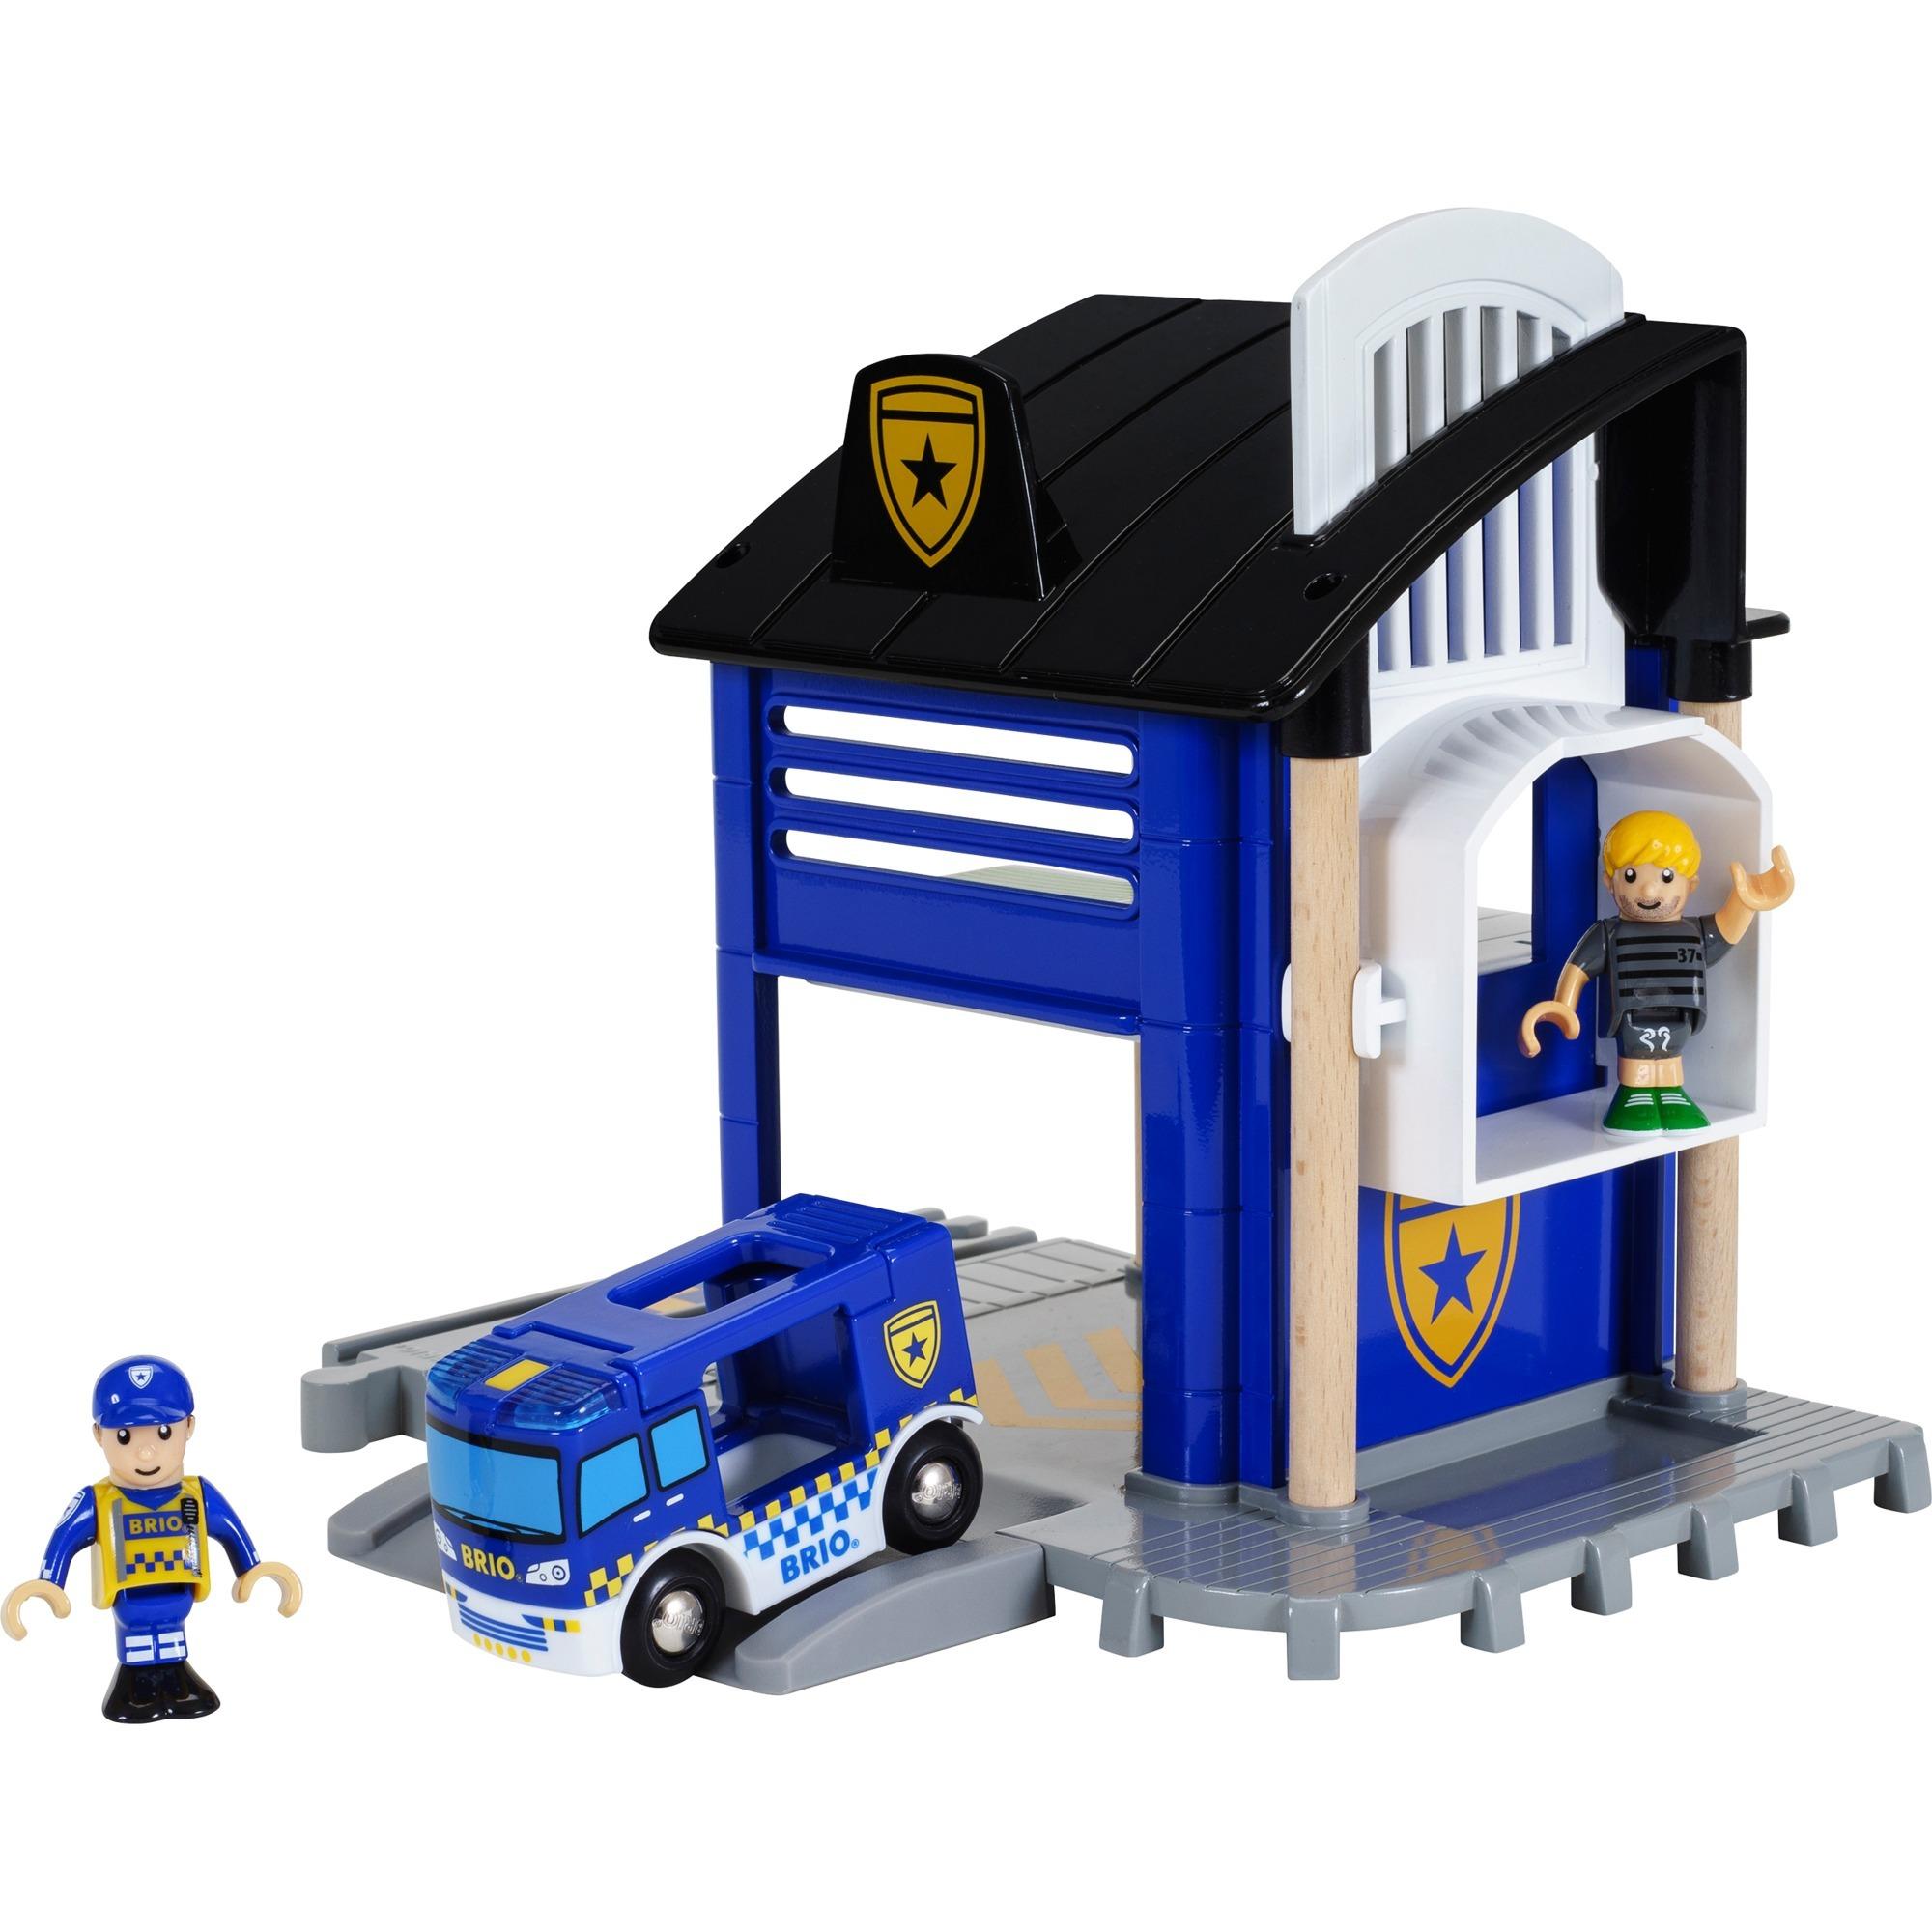 33813 Construction jouet, Jouets de construction